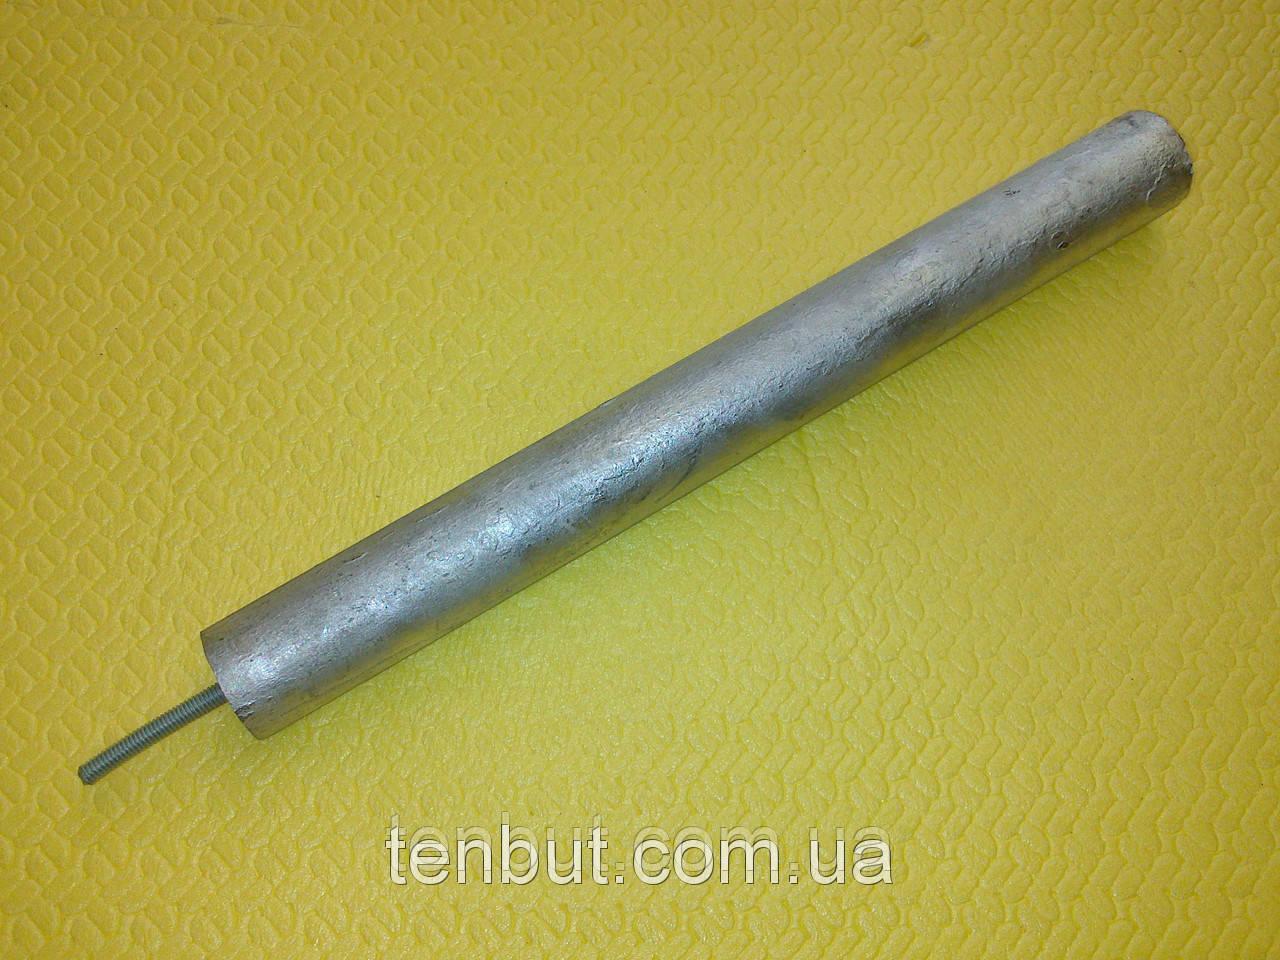 Магниевый анод м-4 / Ø-14 / L-200 мм. /  Шпилька L-20 мм. Производитель KAWAI